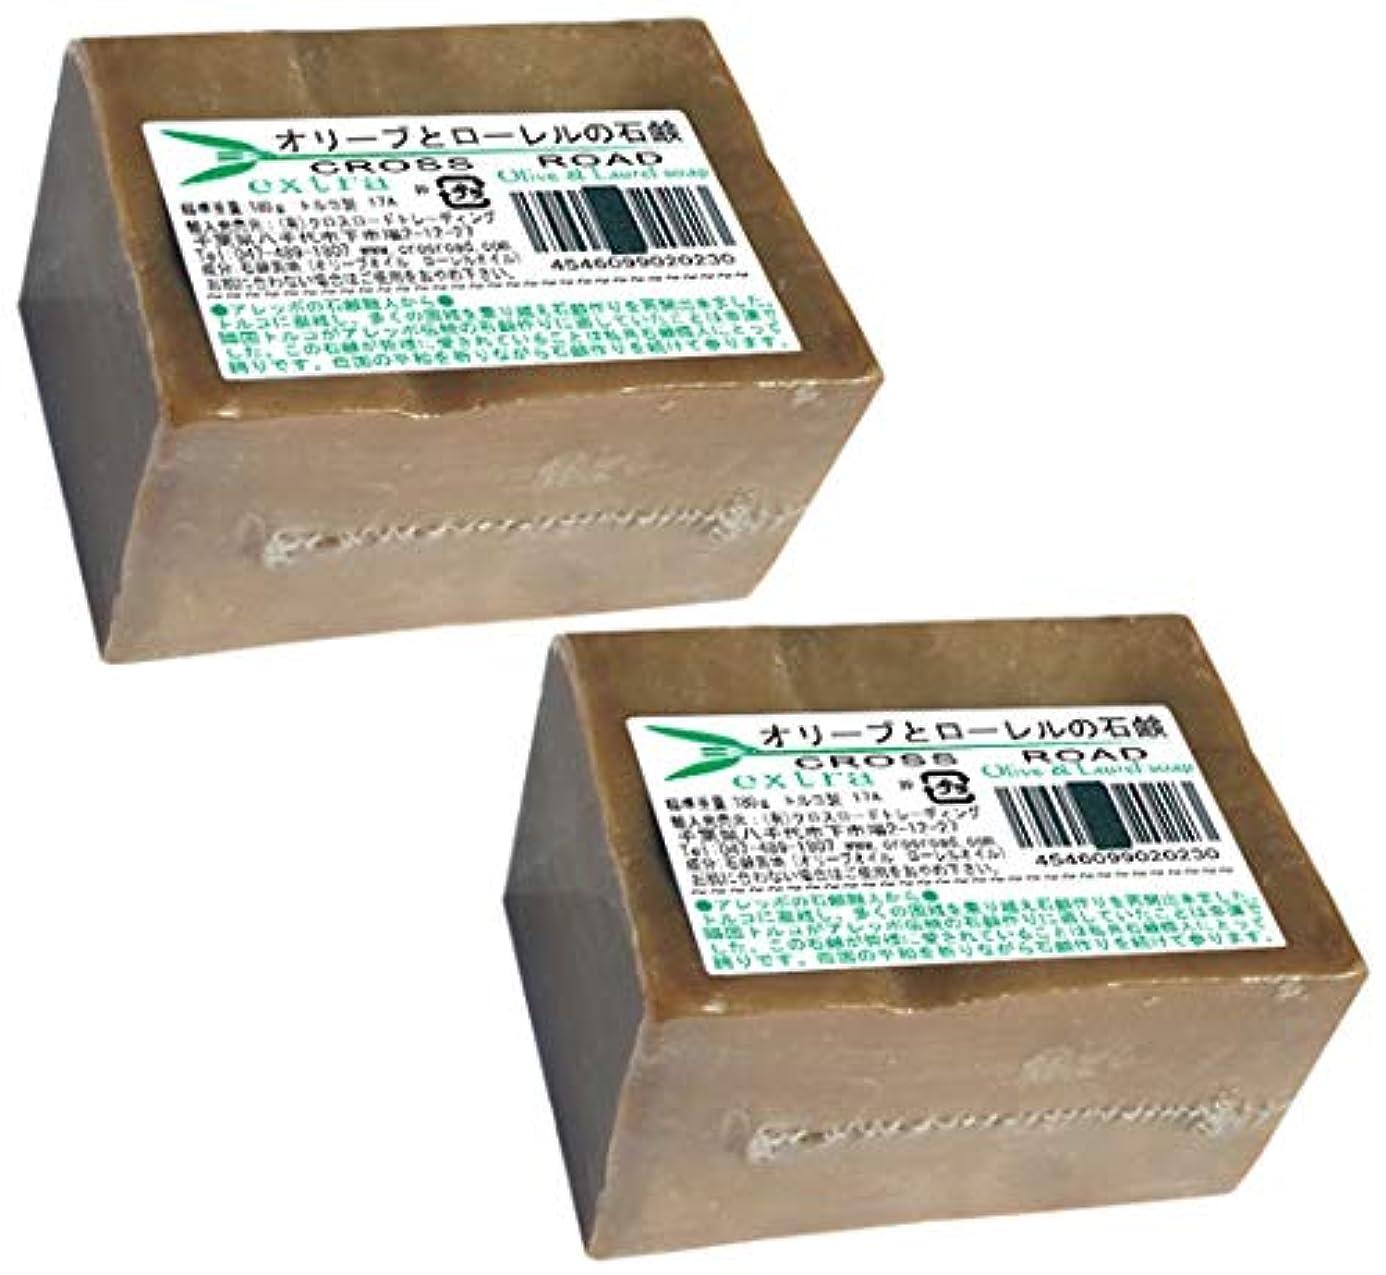 動物ビン長くするオリーブとローレルの石鹸(エキストラ)2個セット[並行輸入品]